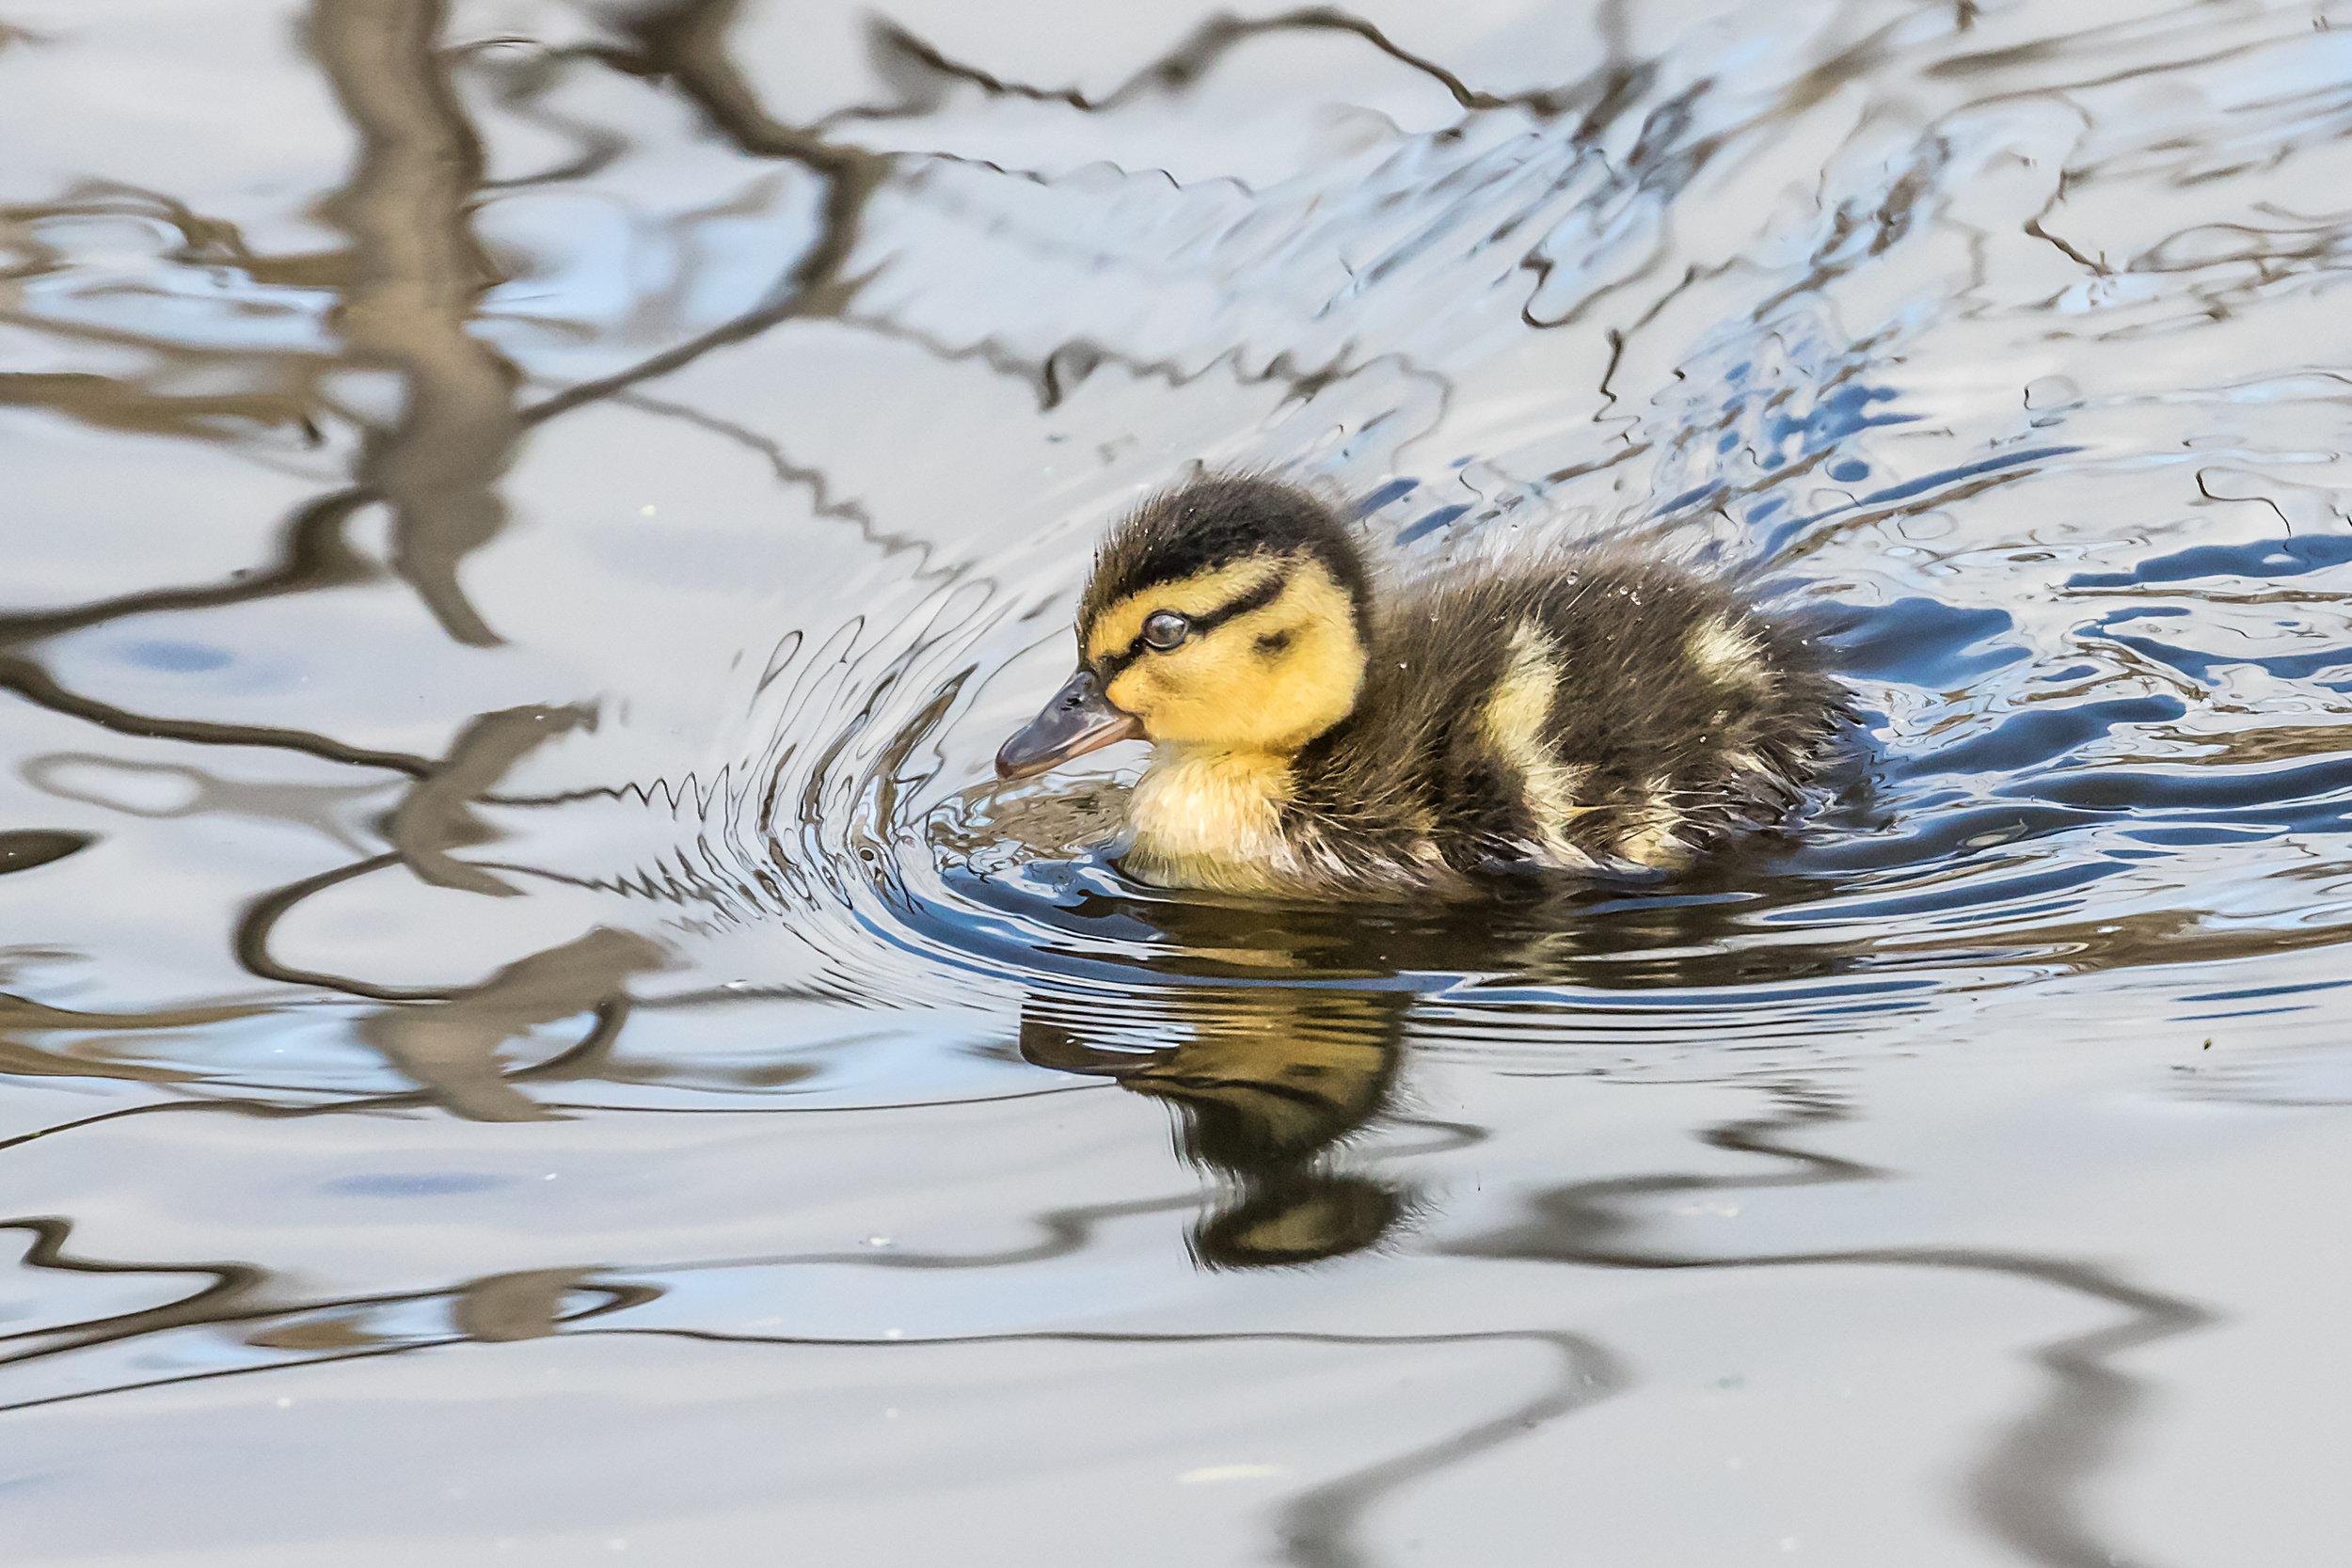 A Mallard chick